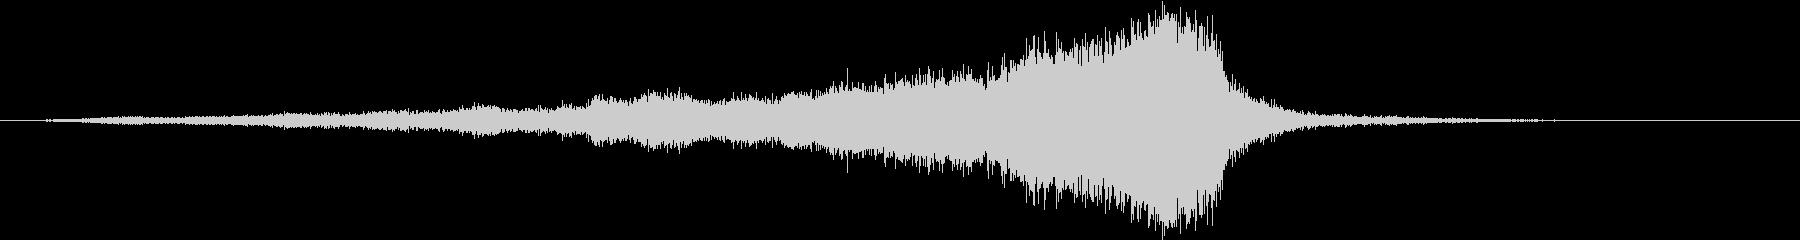 【ライザー】03 ホラーサウンド 冷気の未再生の波形